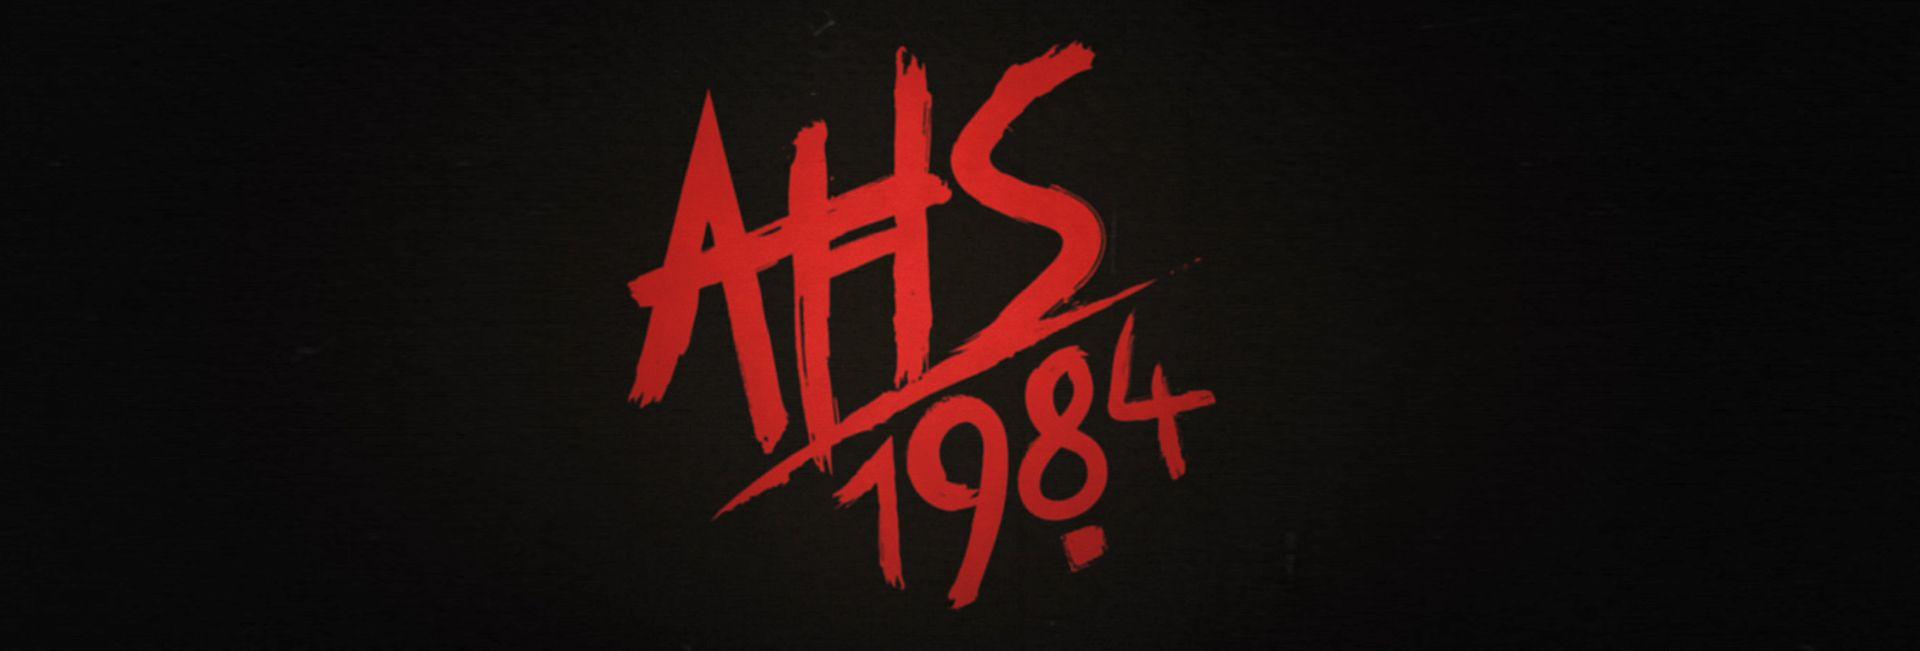 American Horror Story 1984 : la date enfin annoncée !